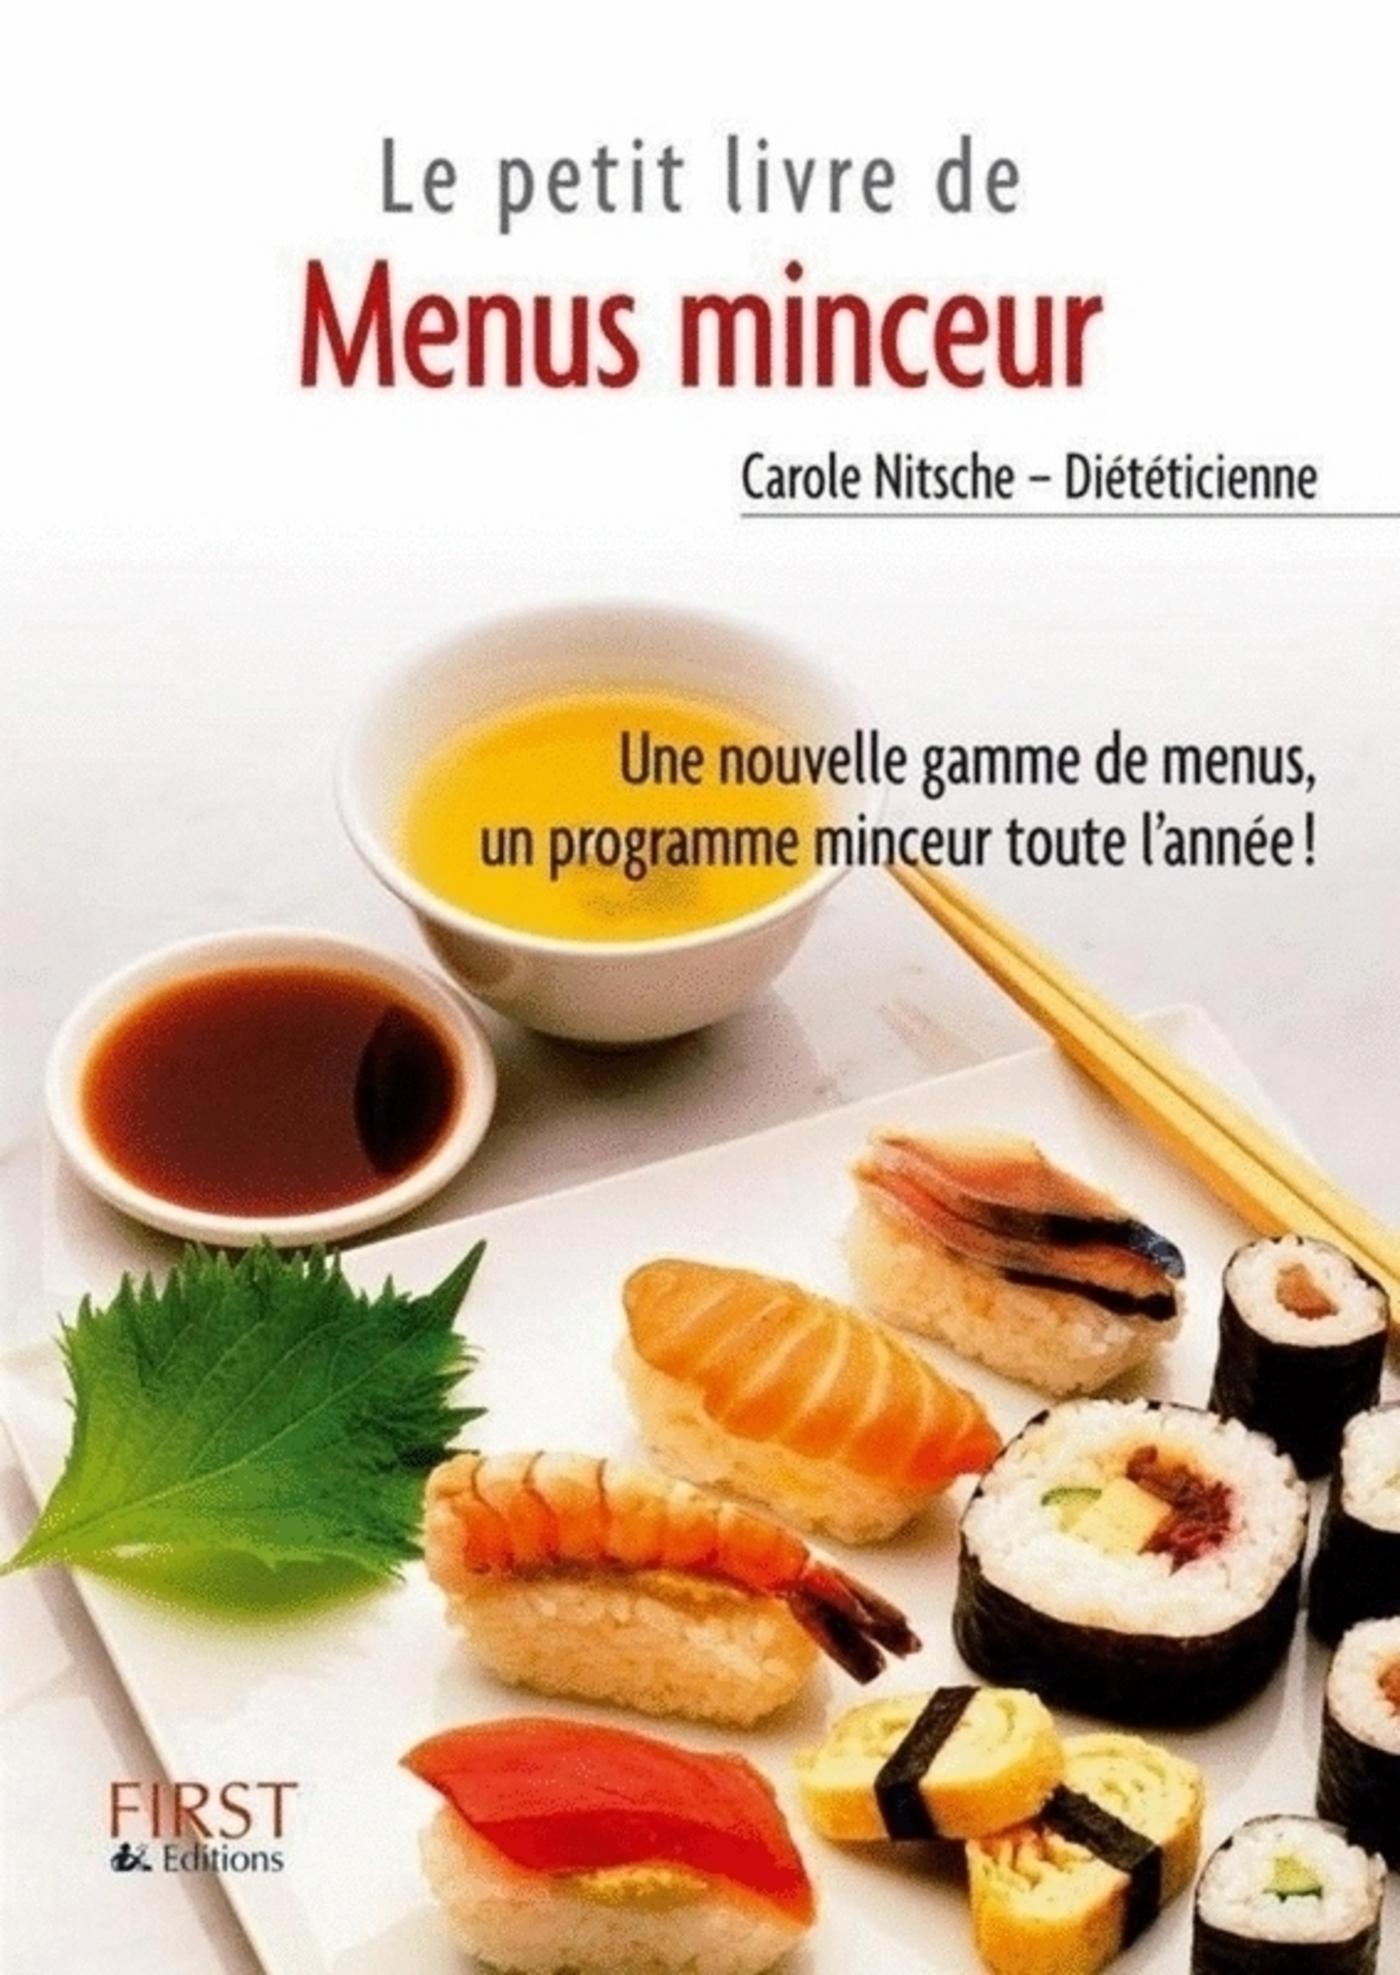 le petit livre de menus minceur tome 2 carole nitsche cuisine et vins. Black Bedroom Furniture Sets. Home Design Ideas